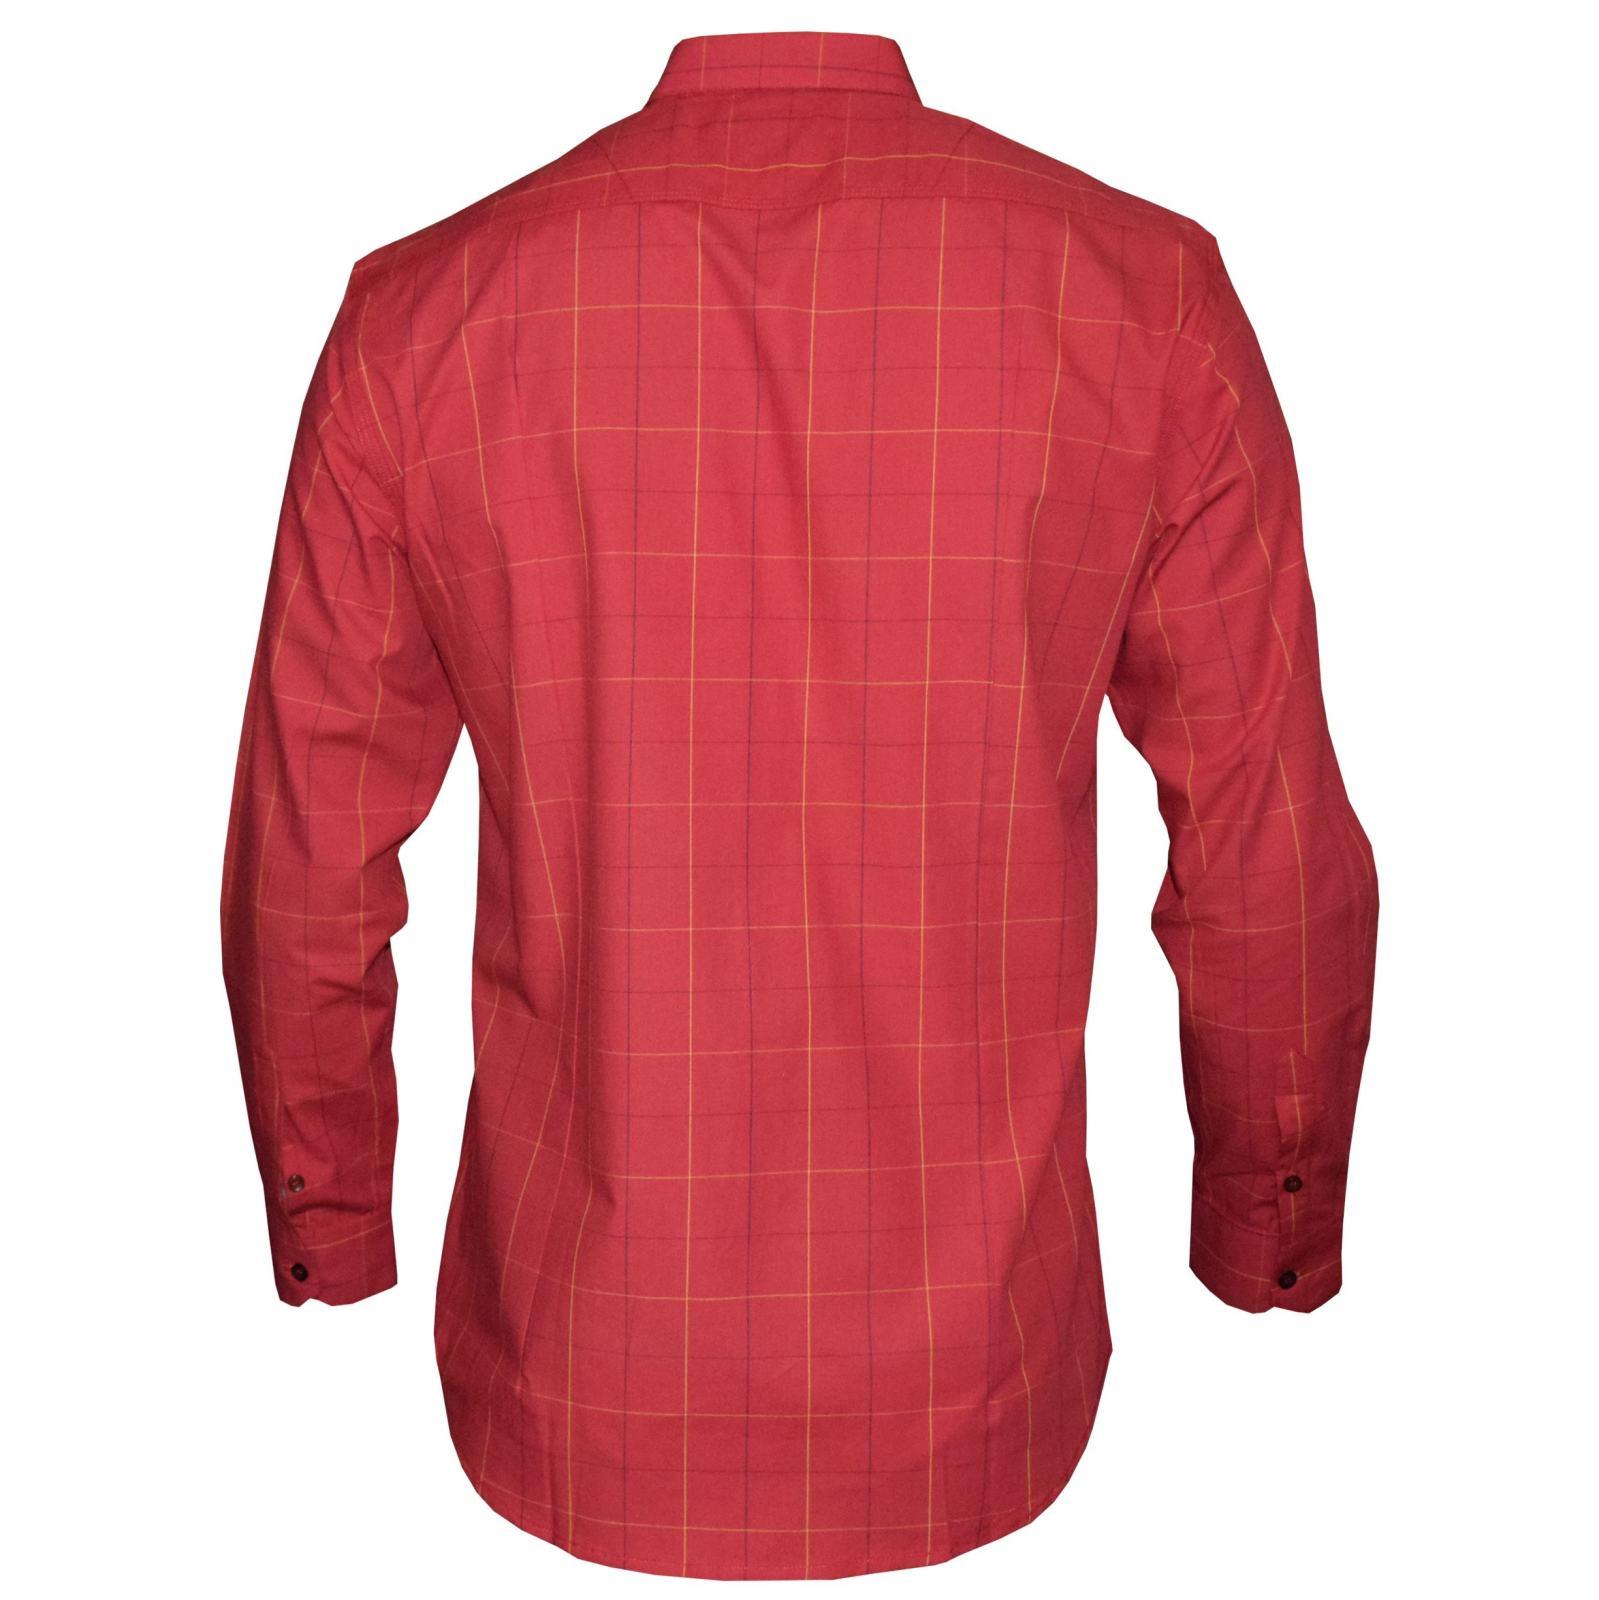 پیراهن مردانه پایتی جامه کد 1901516 main 1 4